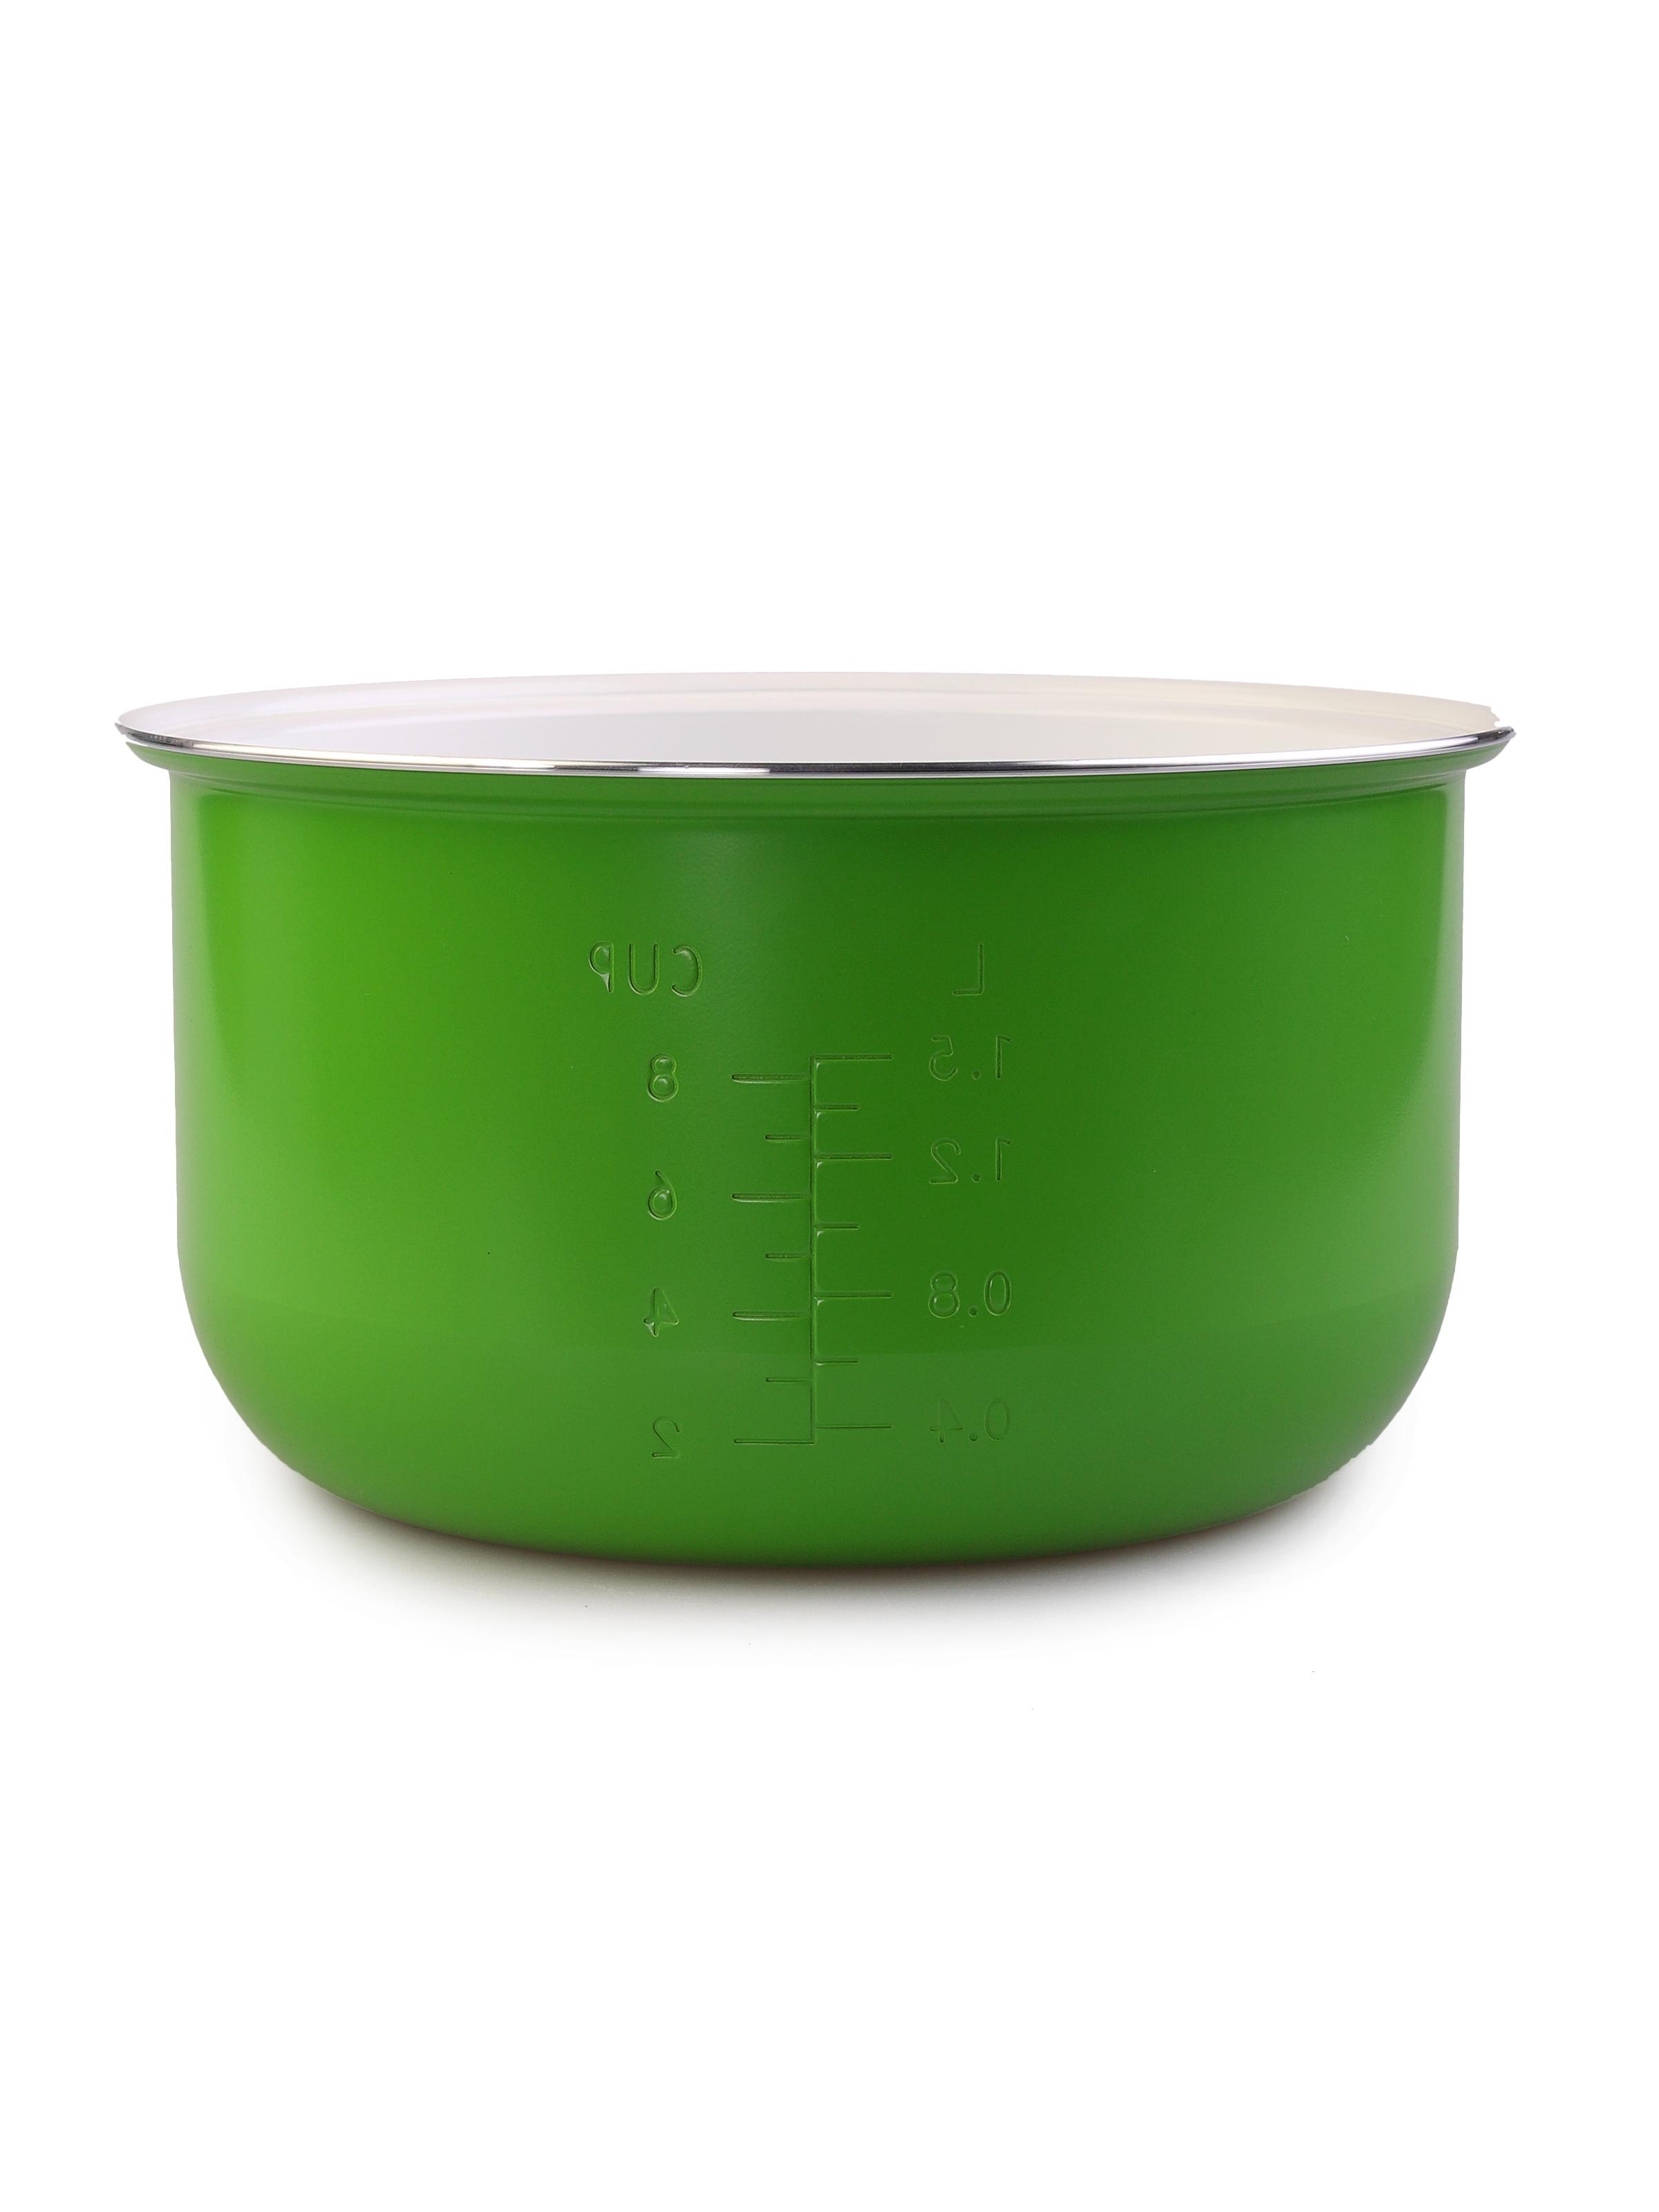 лучшая цена Чаша для мультиварки MARUCHI RW-FZ47-к, зеленый, белый